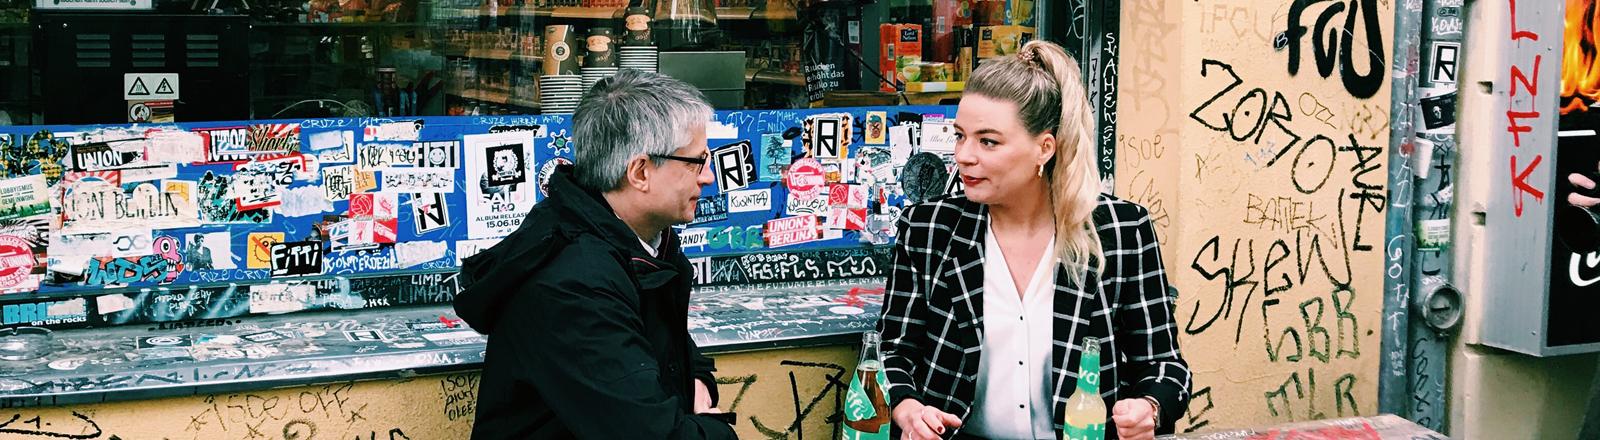 Der Grünen-Politiker Sven Giegold im Gespräch mit Rahel Klein